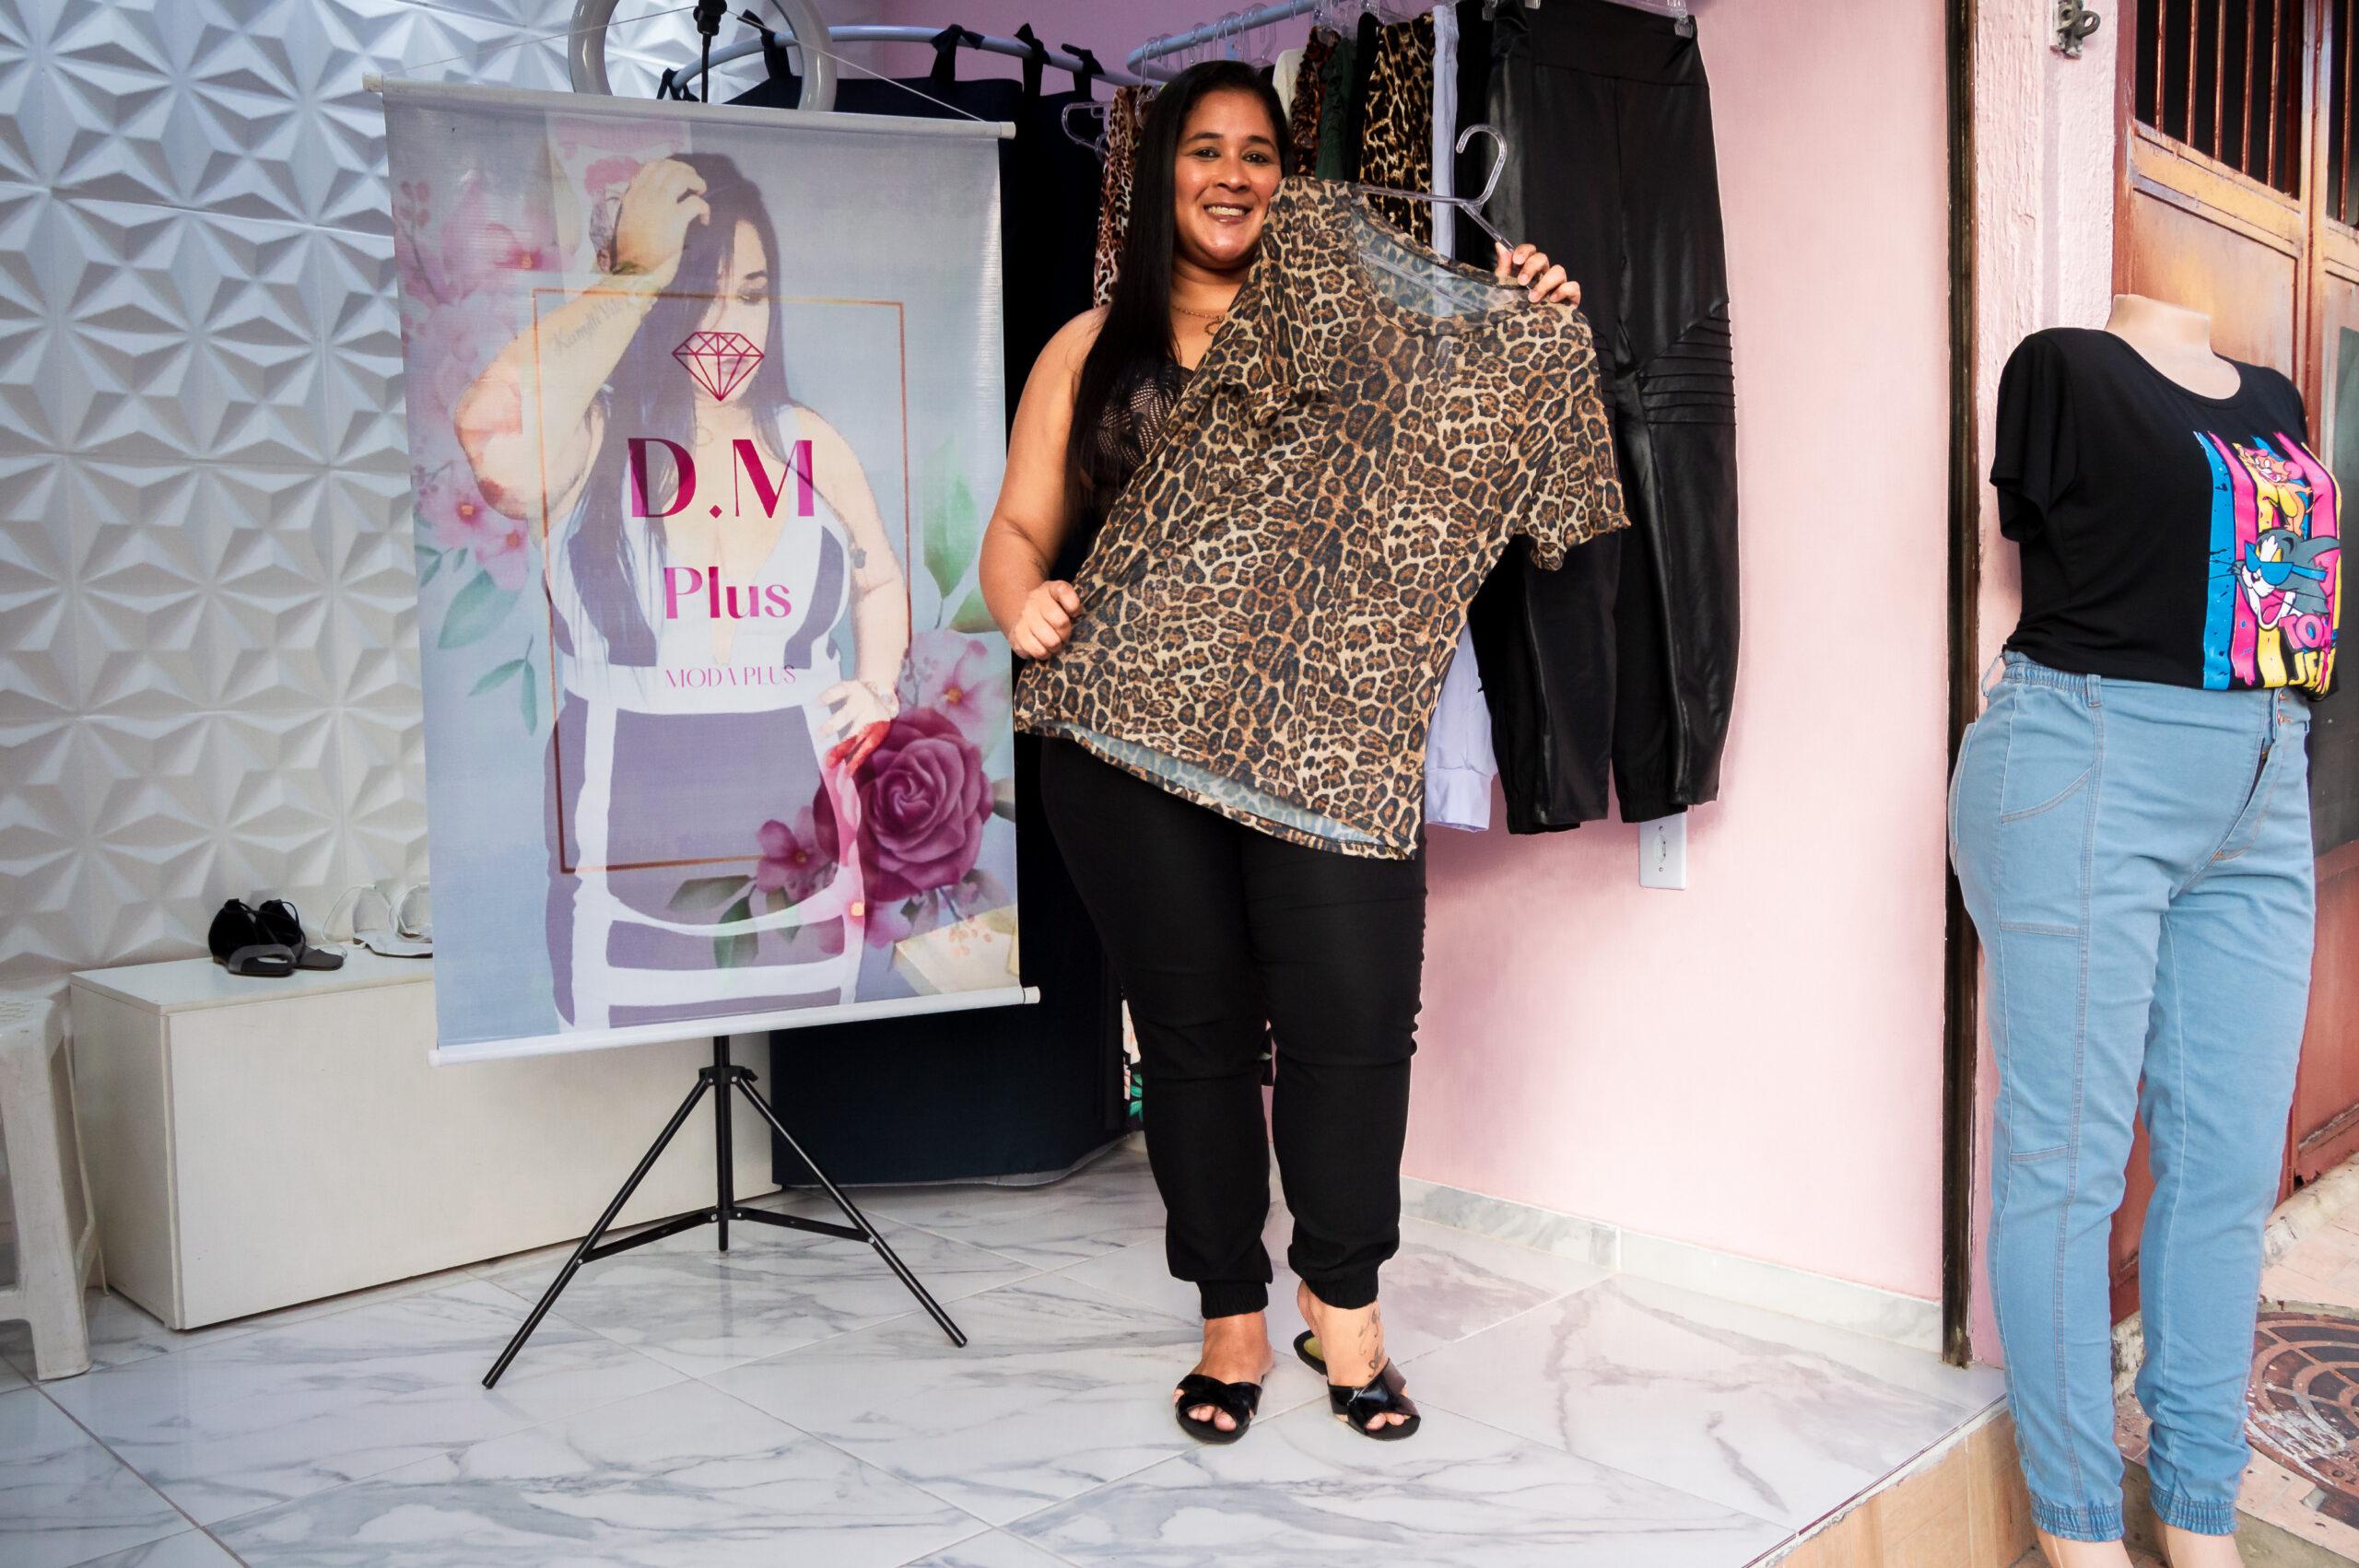 Moda e representatividade: Moradora do Alemão cria loja plus size para mulheres da comunidade